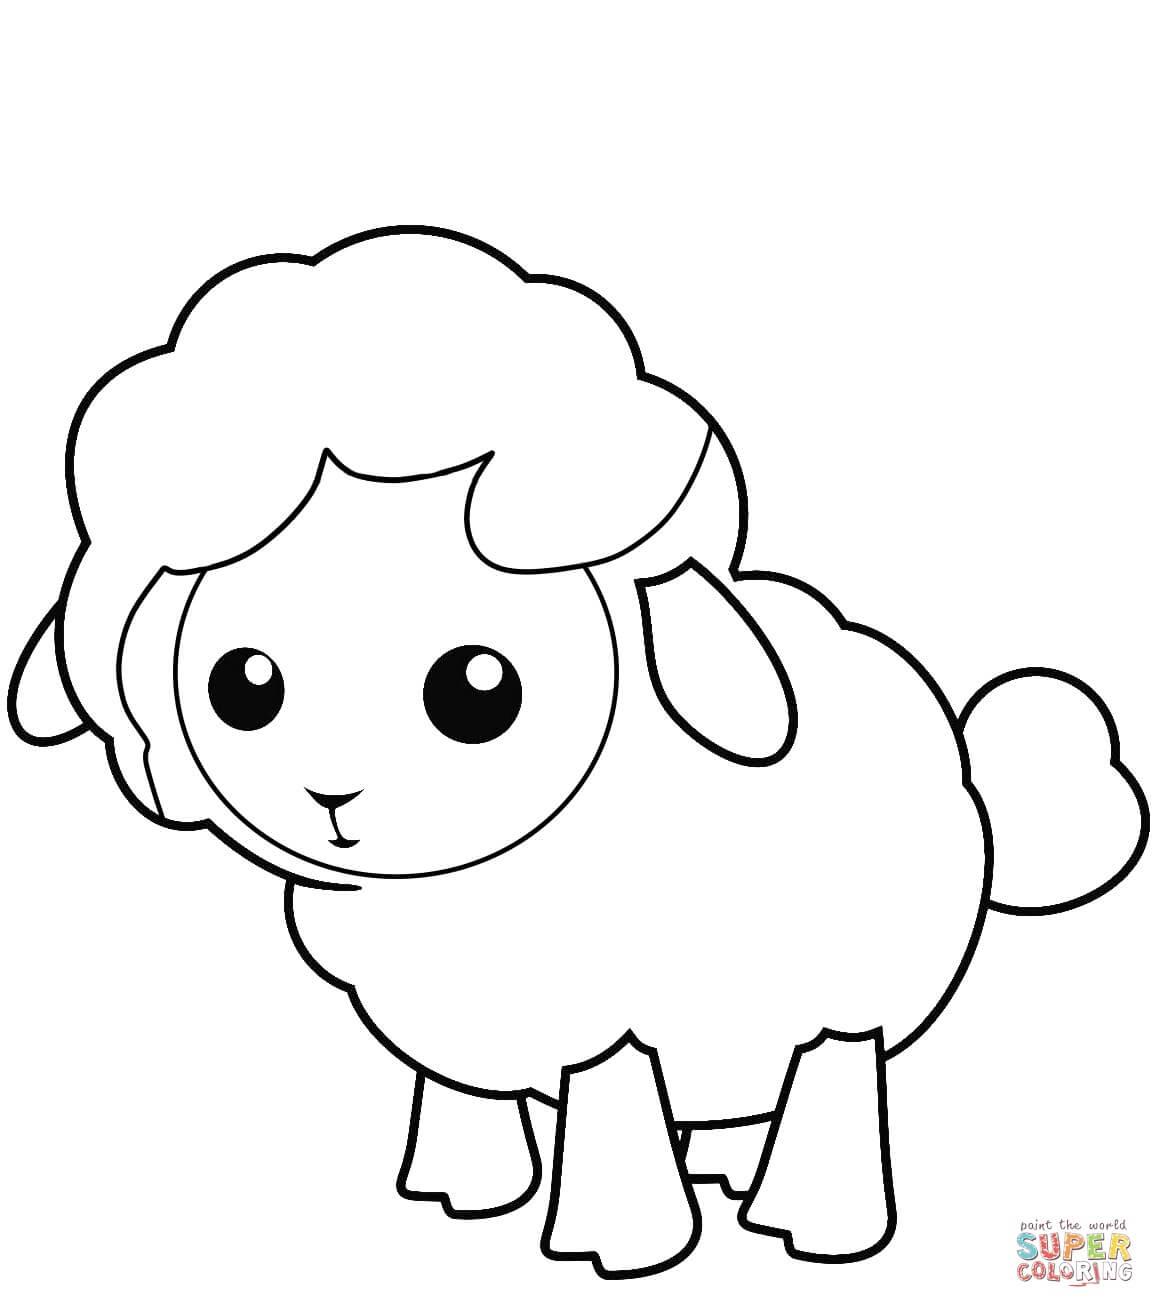 כבשה קטנה לצביעה